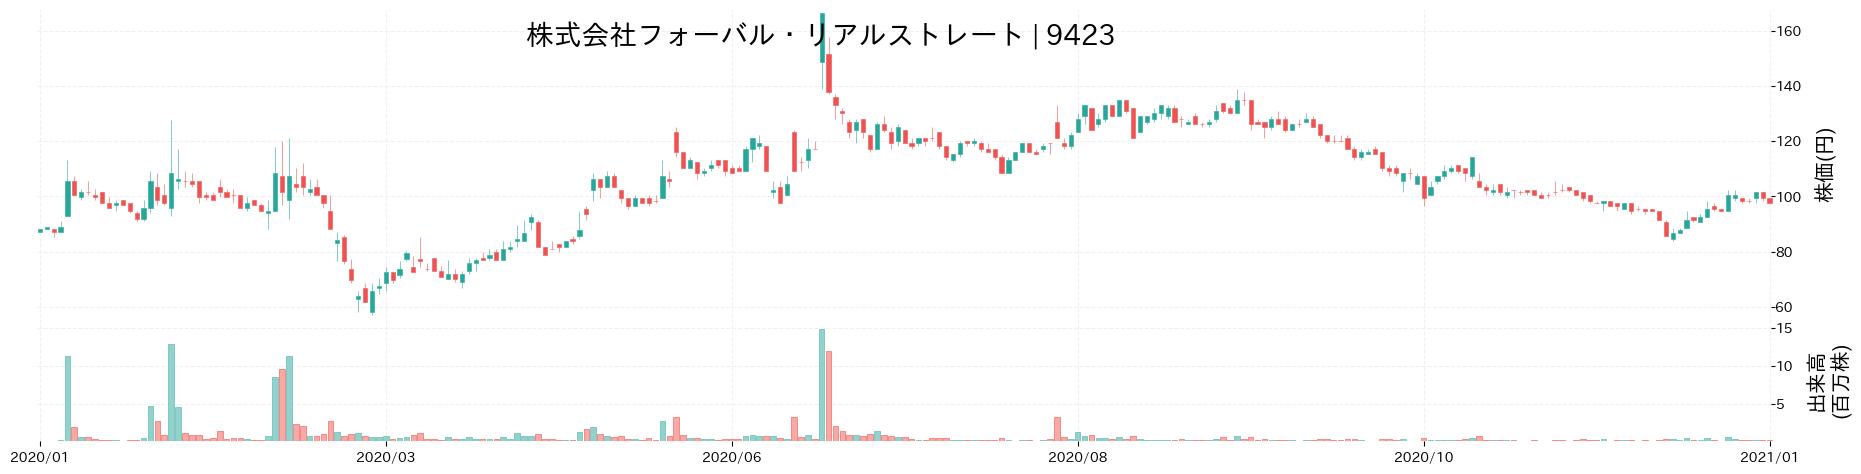 株式会社フォーバル・リアルストレートの株価推移(2020)